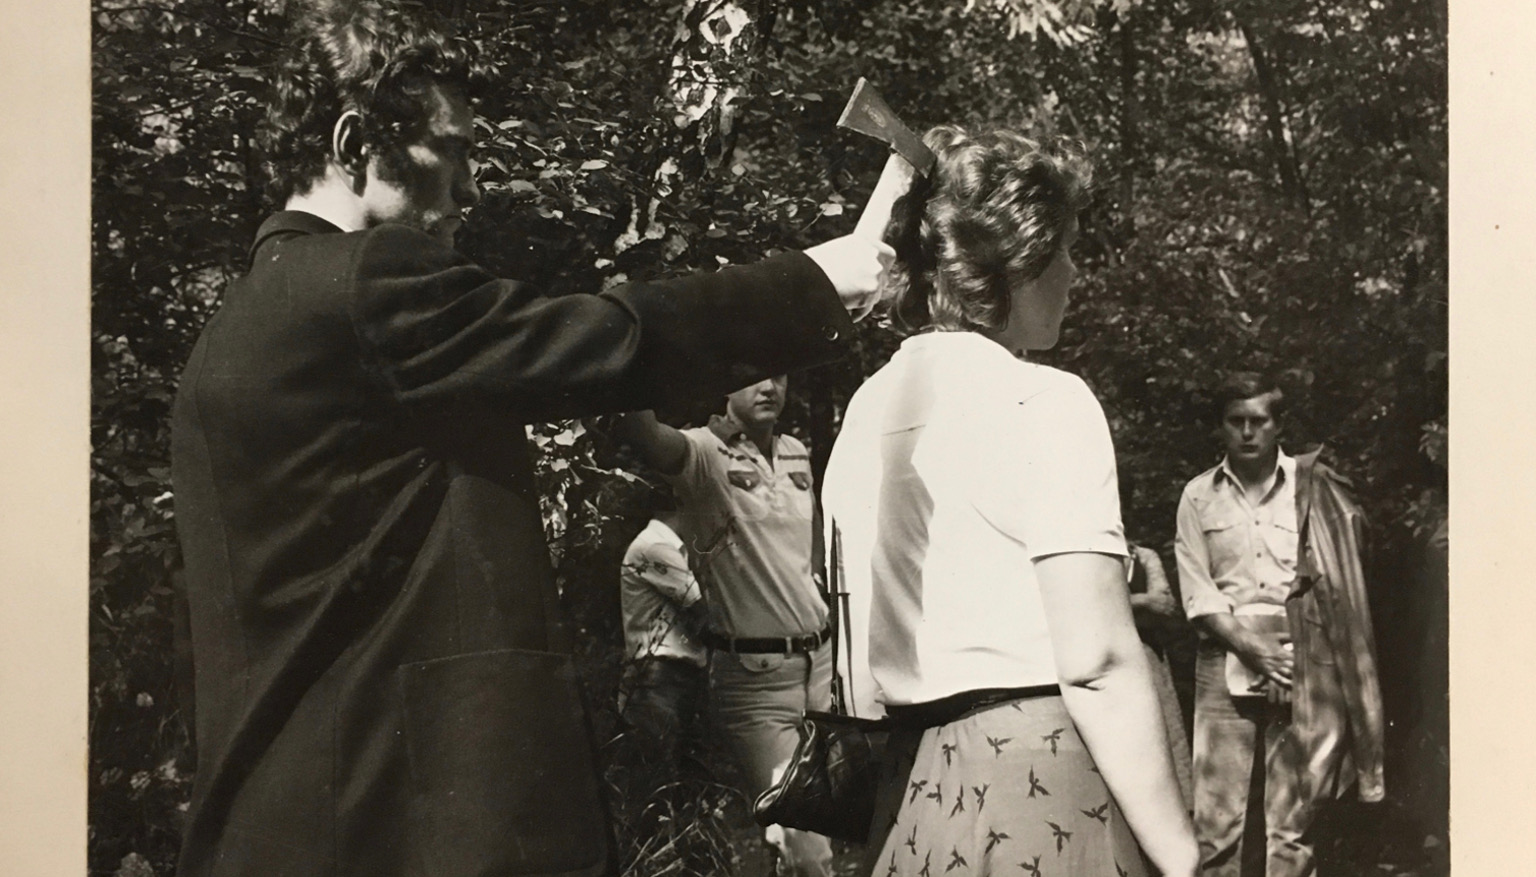 Knychała zabijał ciosem w tył głowy (fot. zdjęcie z akt sprawy / Przemysław Semczuk)